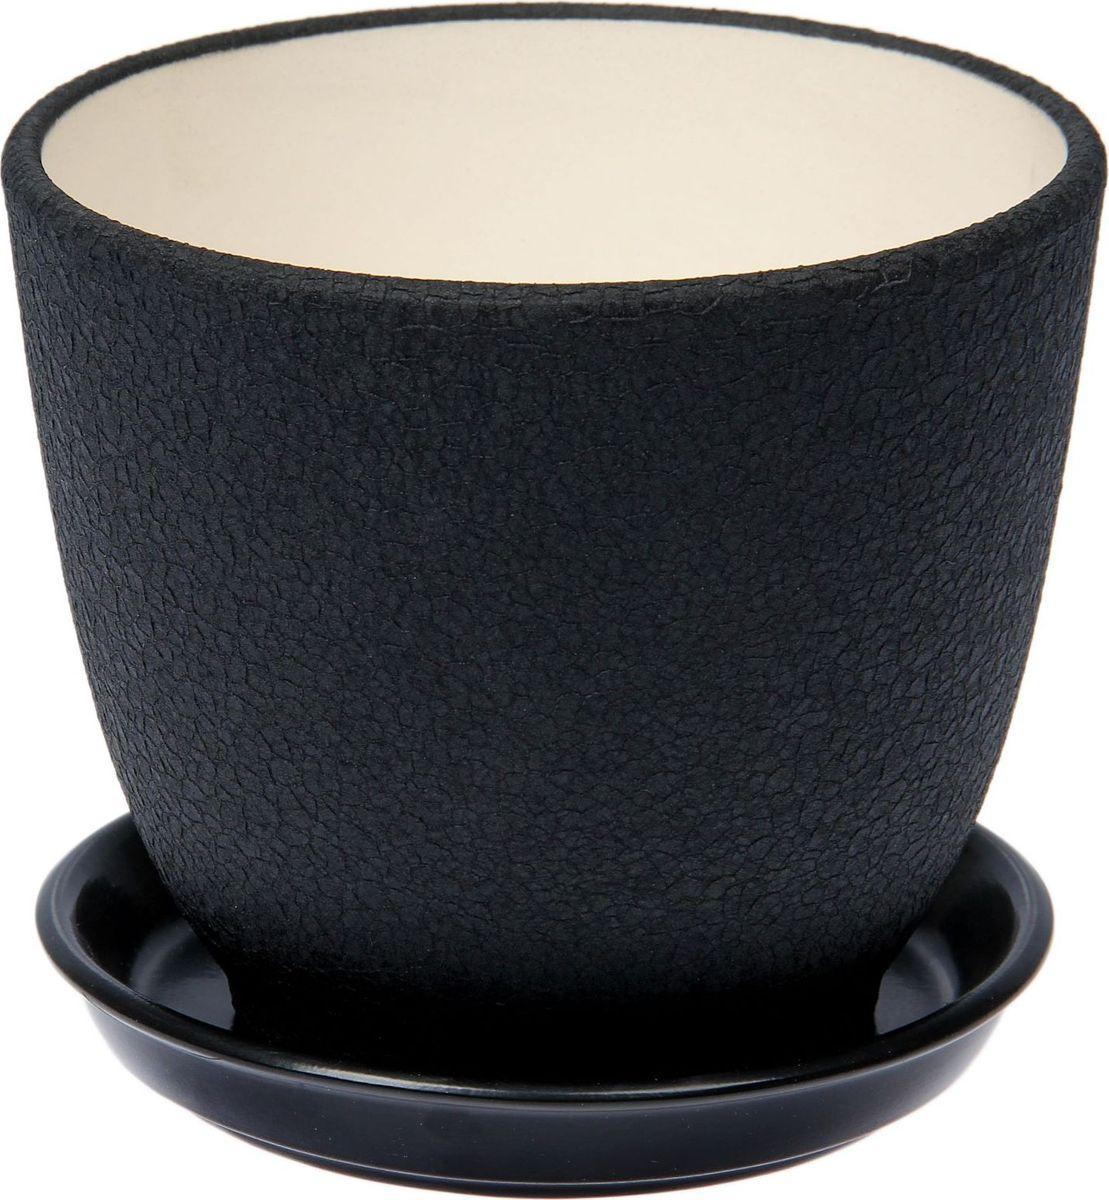 Кашпо Керамика ручной работы Кедр, цвет: черный, 1,6 л1489706Комнатные растения - всеобщие любимцы. Они радуют глаз, насыщают помещение кислородом и украшают пространство. Каждому из них необходим свой удобный и красивый дом. Кашпо из керамики прекрасно подходят для высадки растений:пористый материал позволяет испаряться лишней влаге;воздух, необходимый для дыхания корней, проникает сквозь керамические стенки. Кашпо Кедр позаботится о зеленом питомце, освежит интерьер и подчеркнет его стиль.